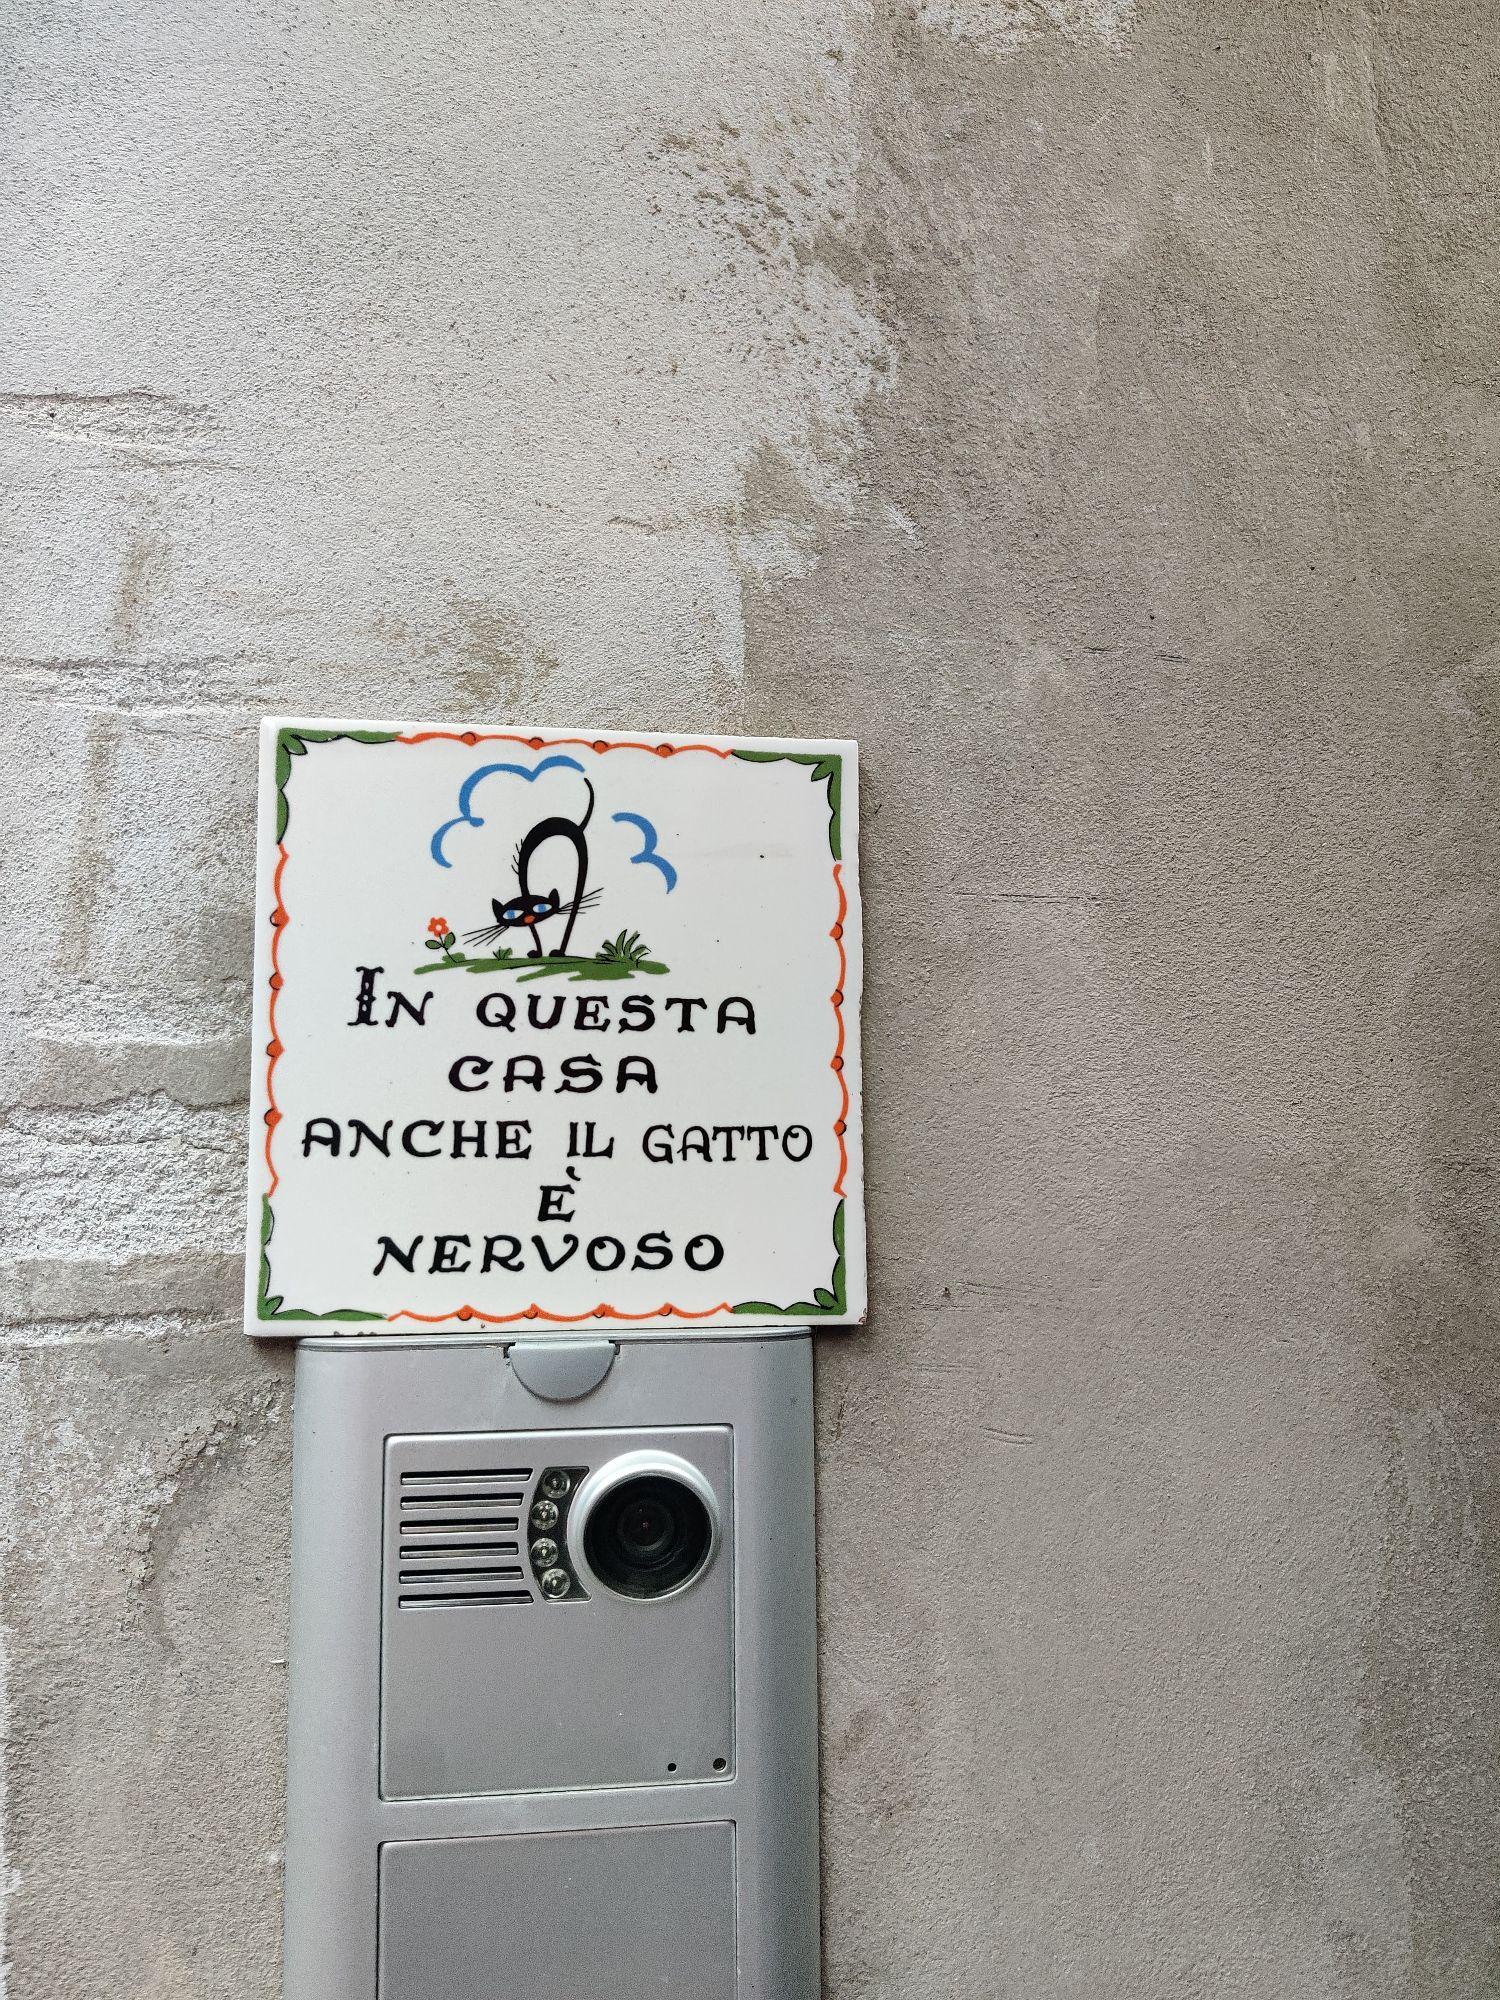 Мне очень понравилась эта надпись над дверным звонком: В этом доме даже кот нервный.